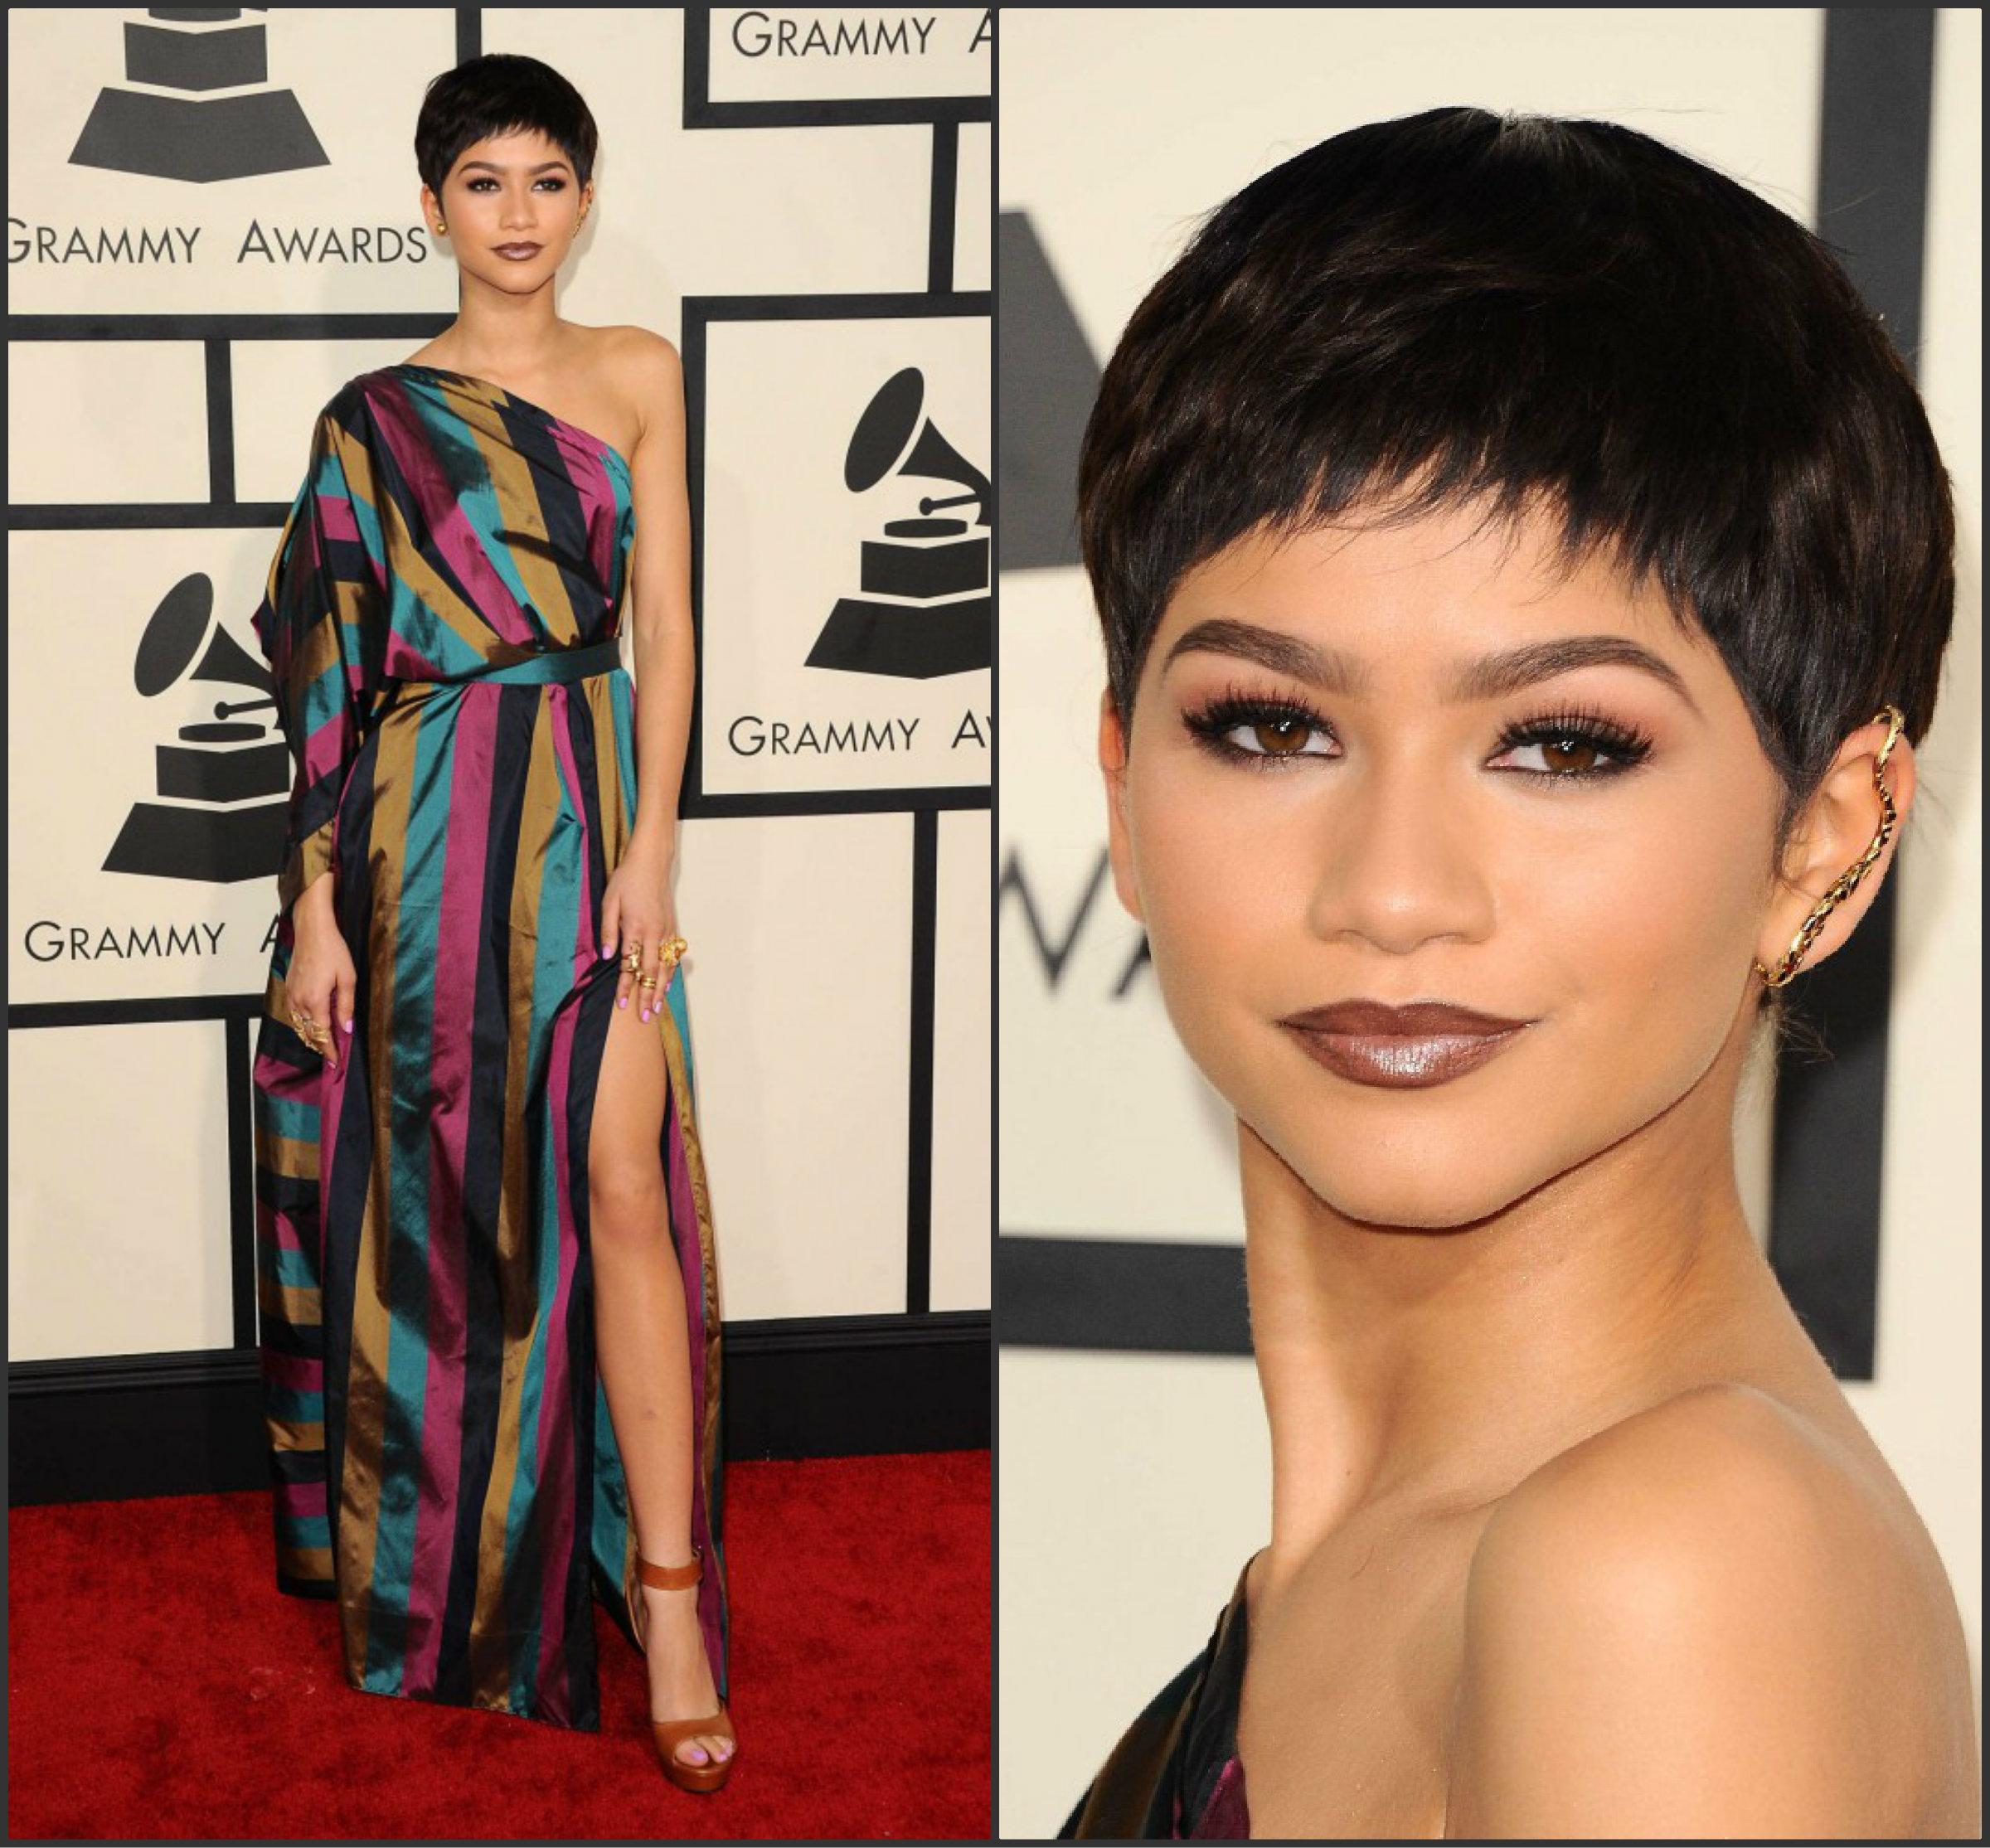 Zendaya-Coleman-IN-Vivienne-Westwood-at-the-2015-Grammy-Awards